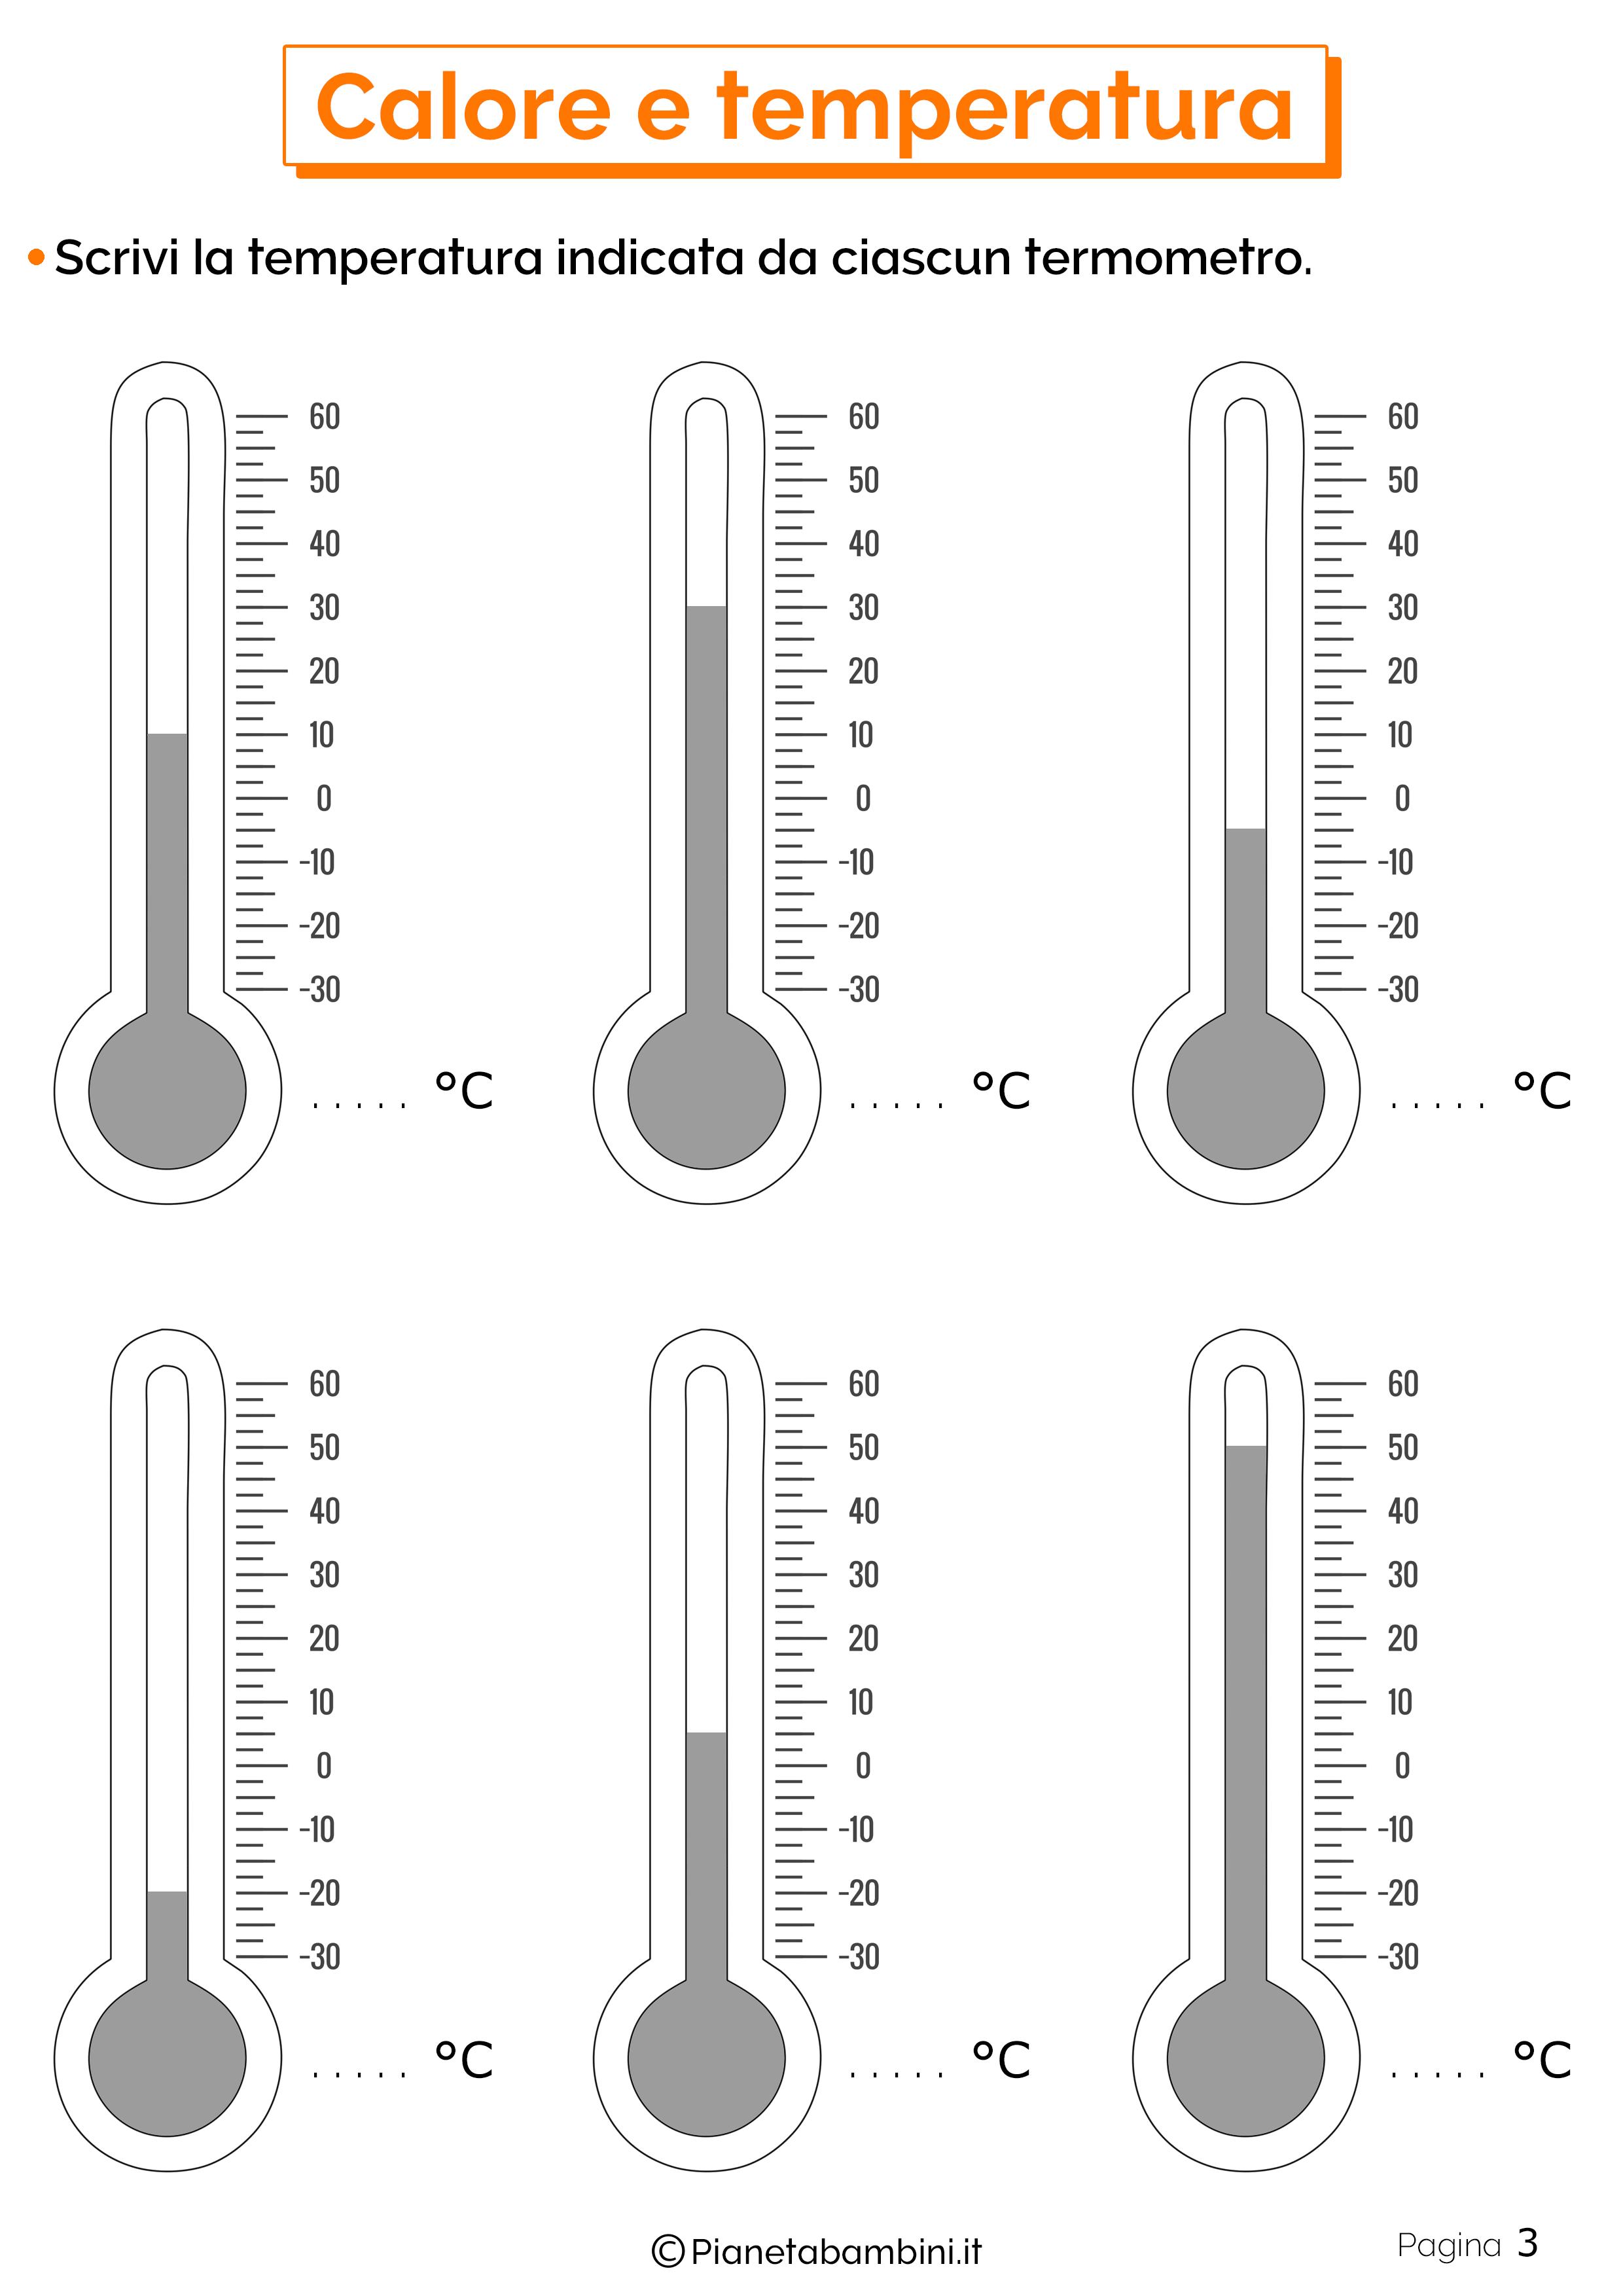 Esercizi su calore e temperatura 3